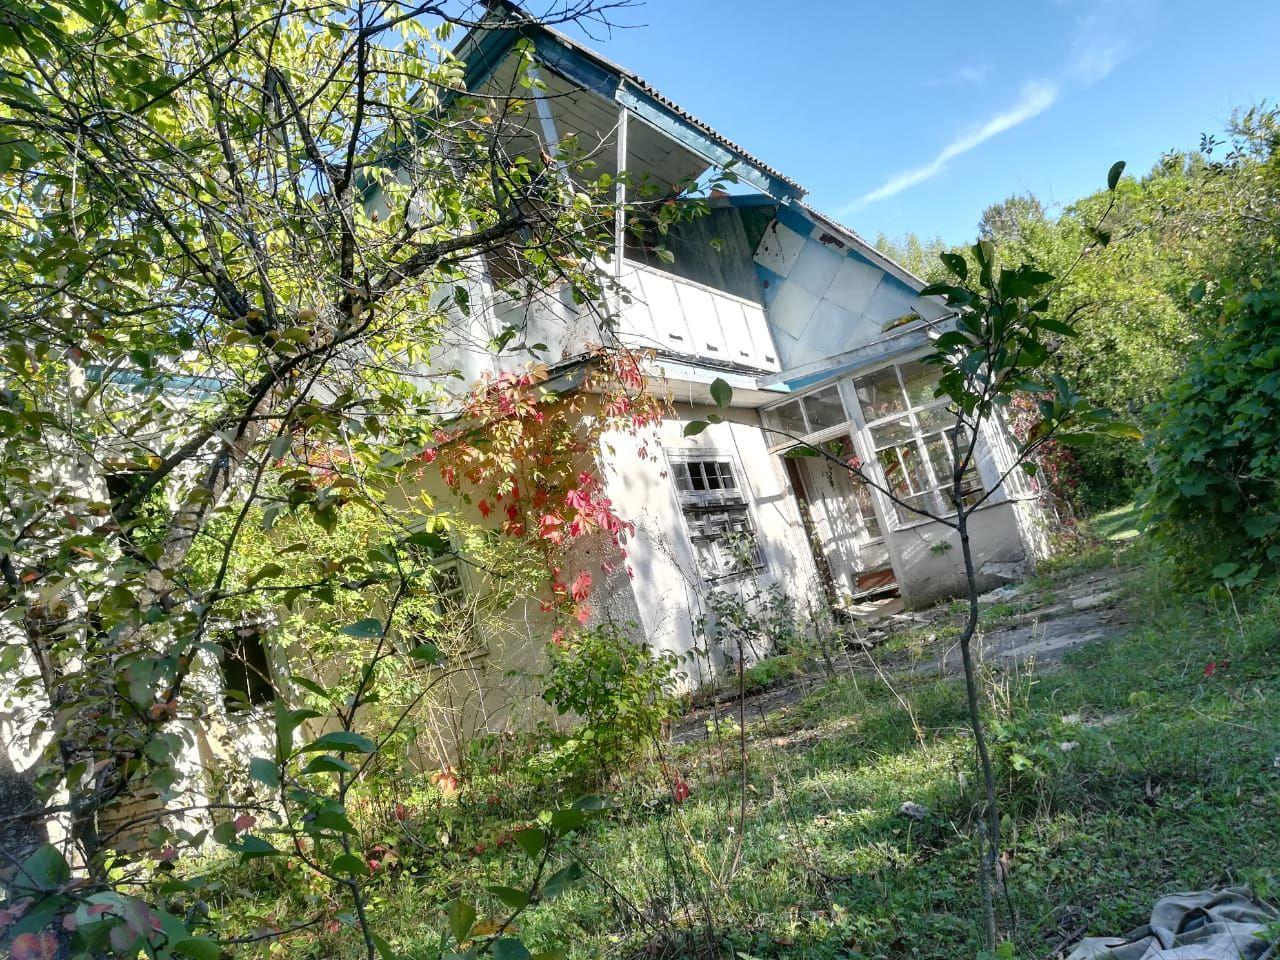 Продаю дом 48м² Ставропольский край, Кисловодск - база ЦИАН, объявление 241270241